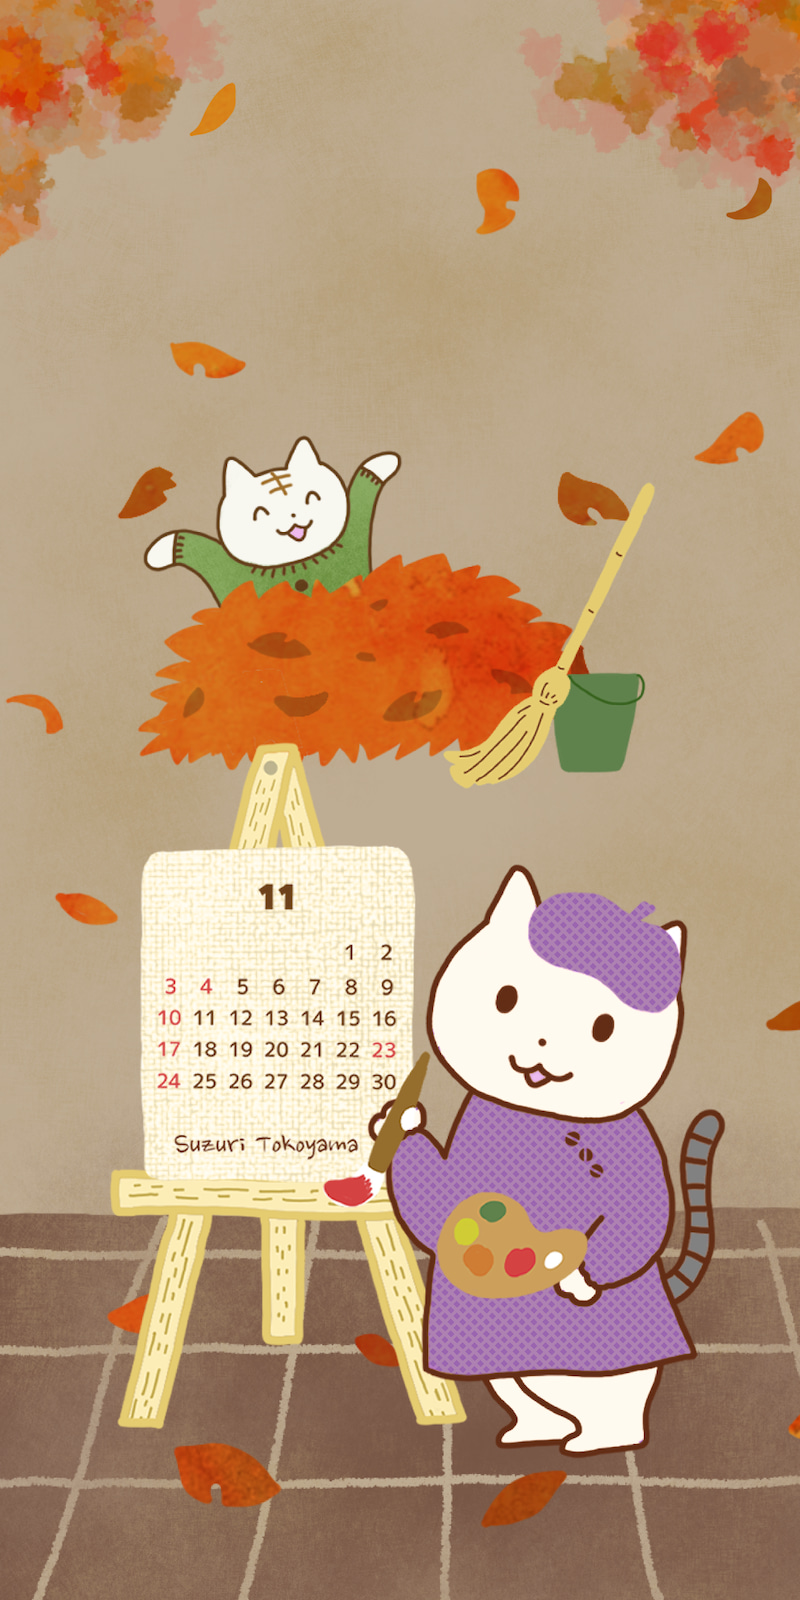 11月のスマホカレンダー できました 大フク猫まんが